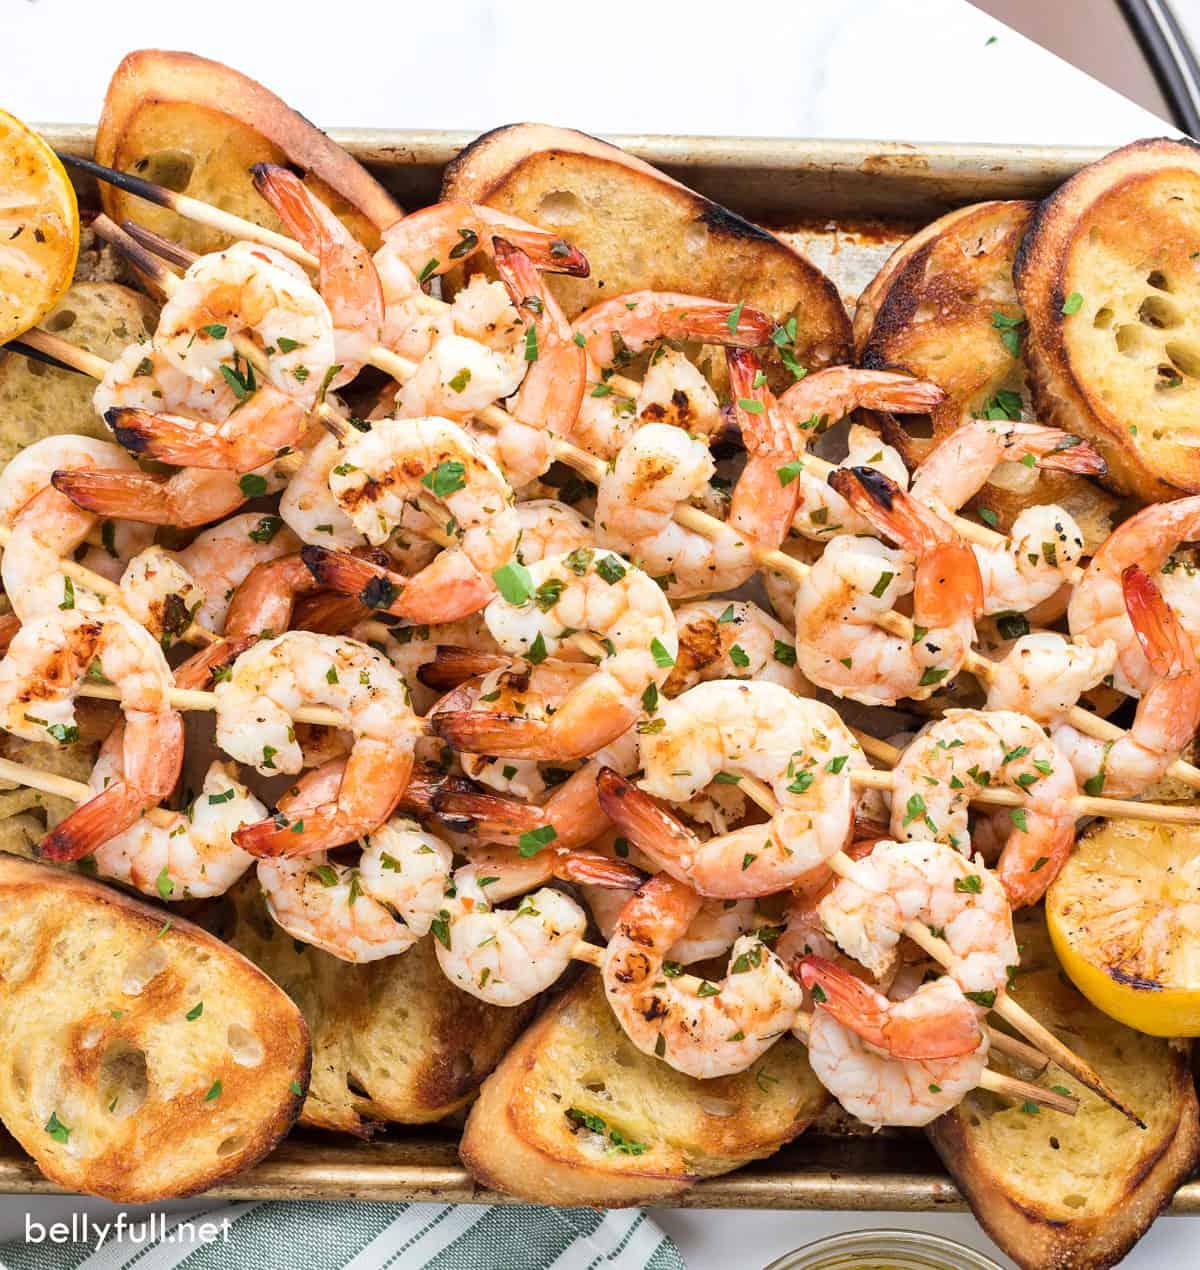 Grilled shrimp skewers on top of grilled baguette slices